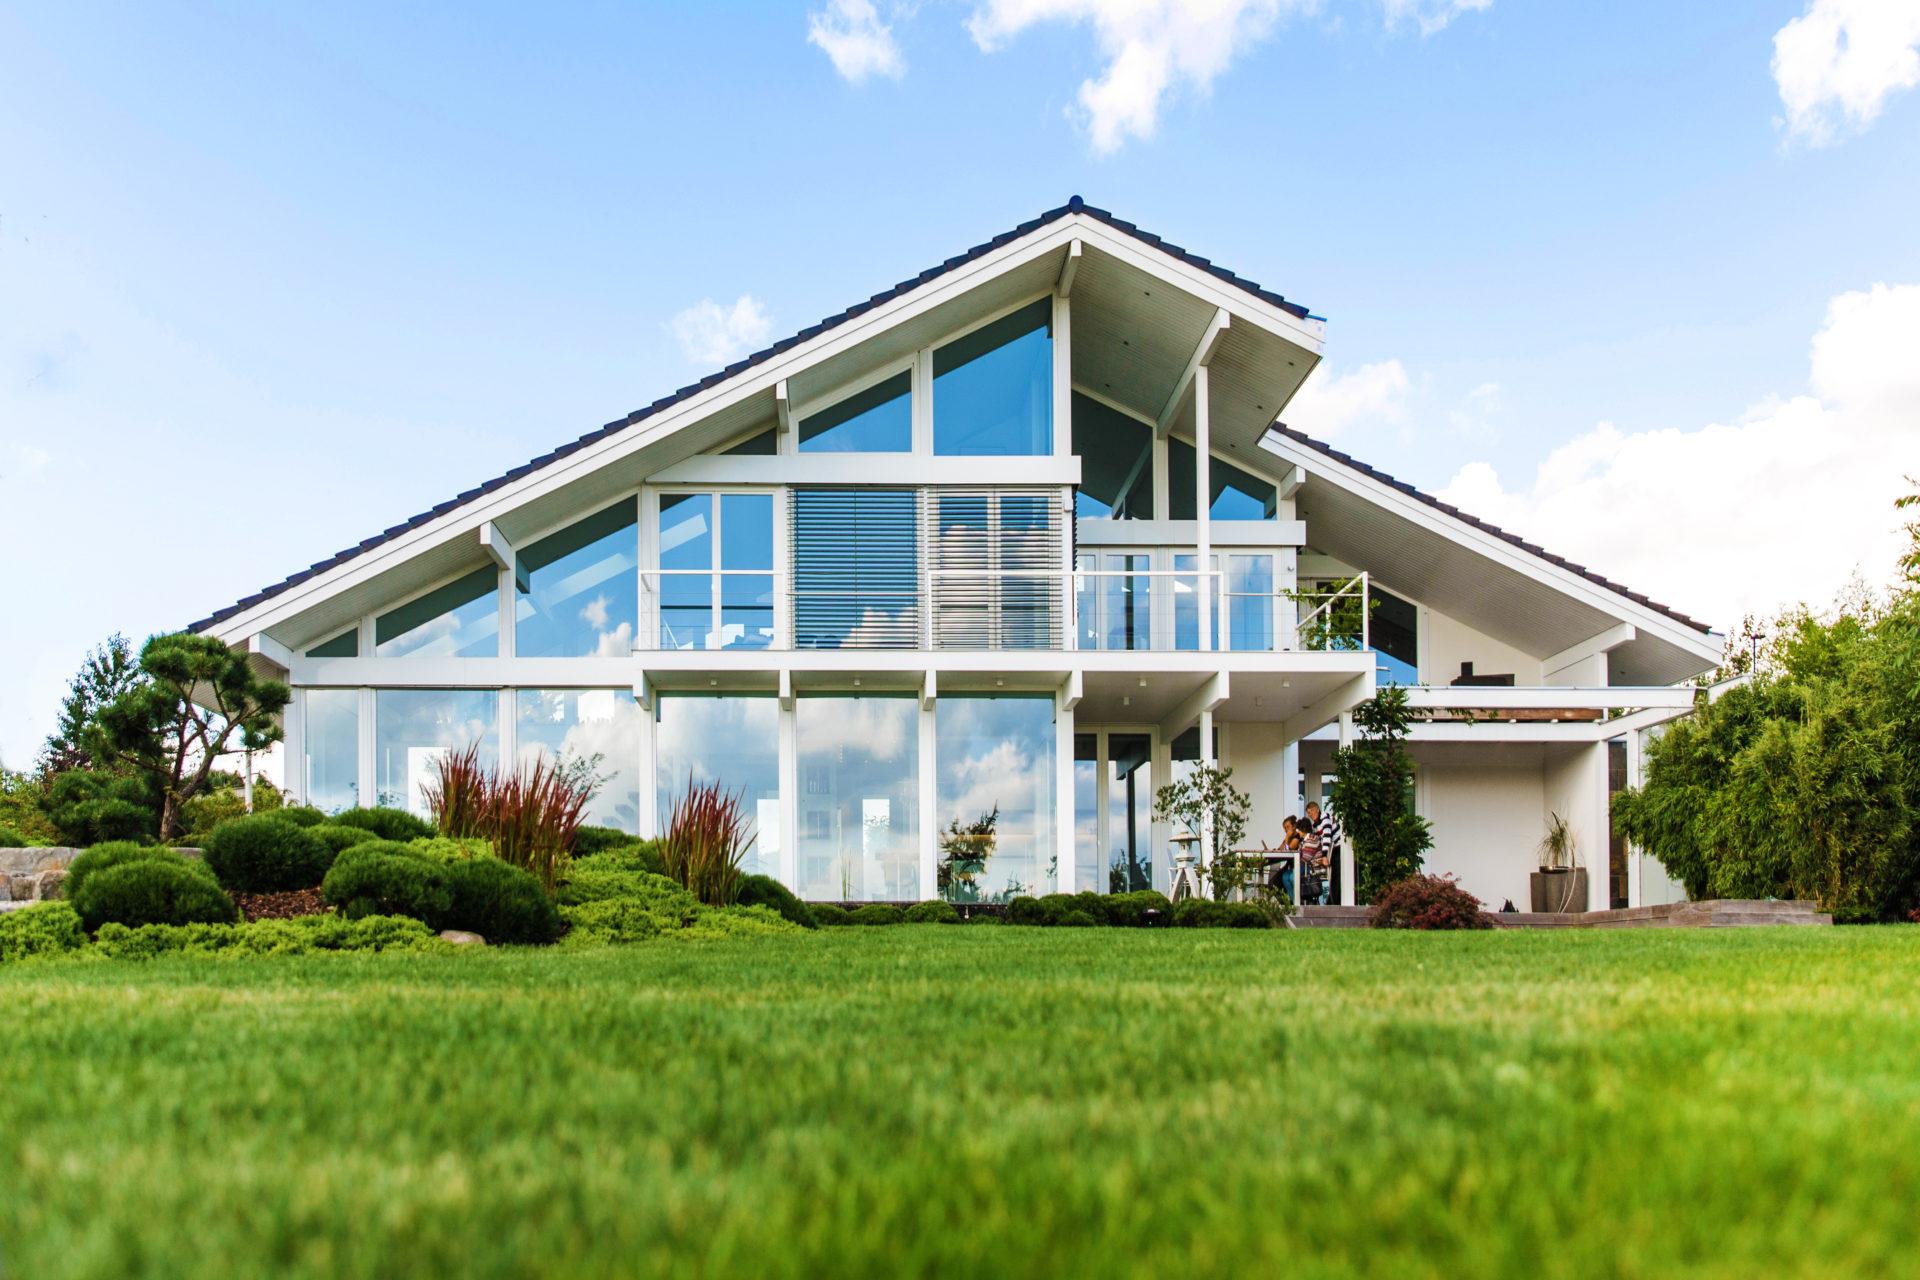 Landhausstil haus modern  Stunning Haus Im Landhausstil Ideas - Einrichtungs & Wohnideen 2018 ...